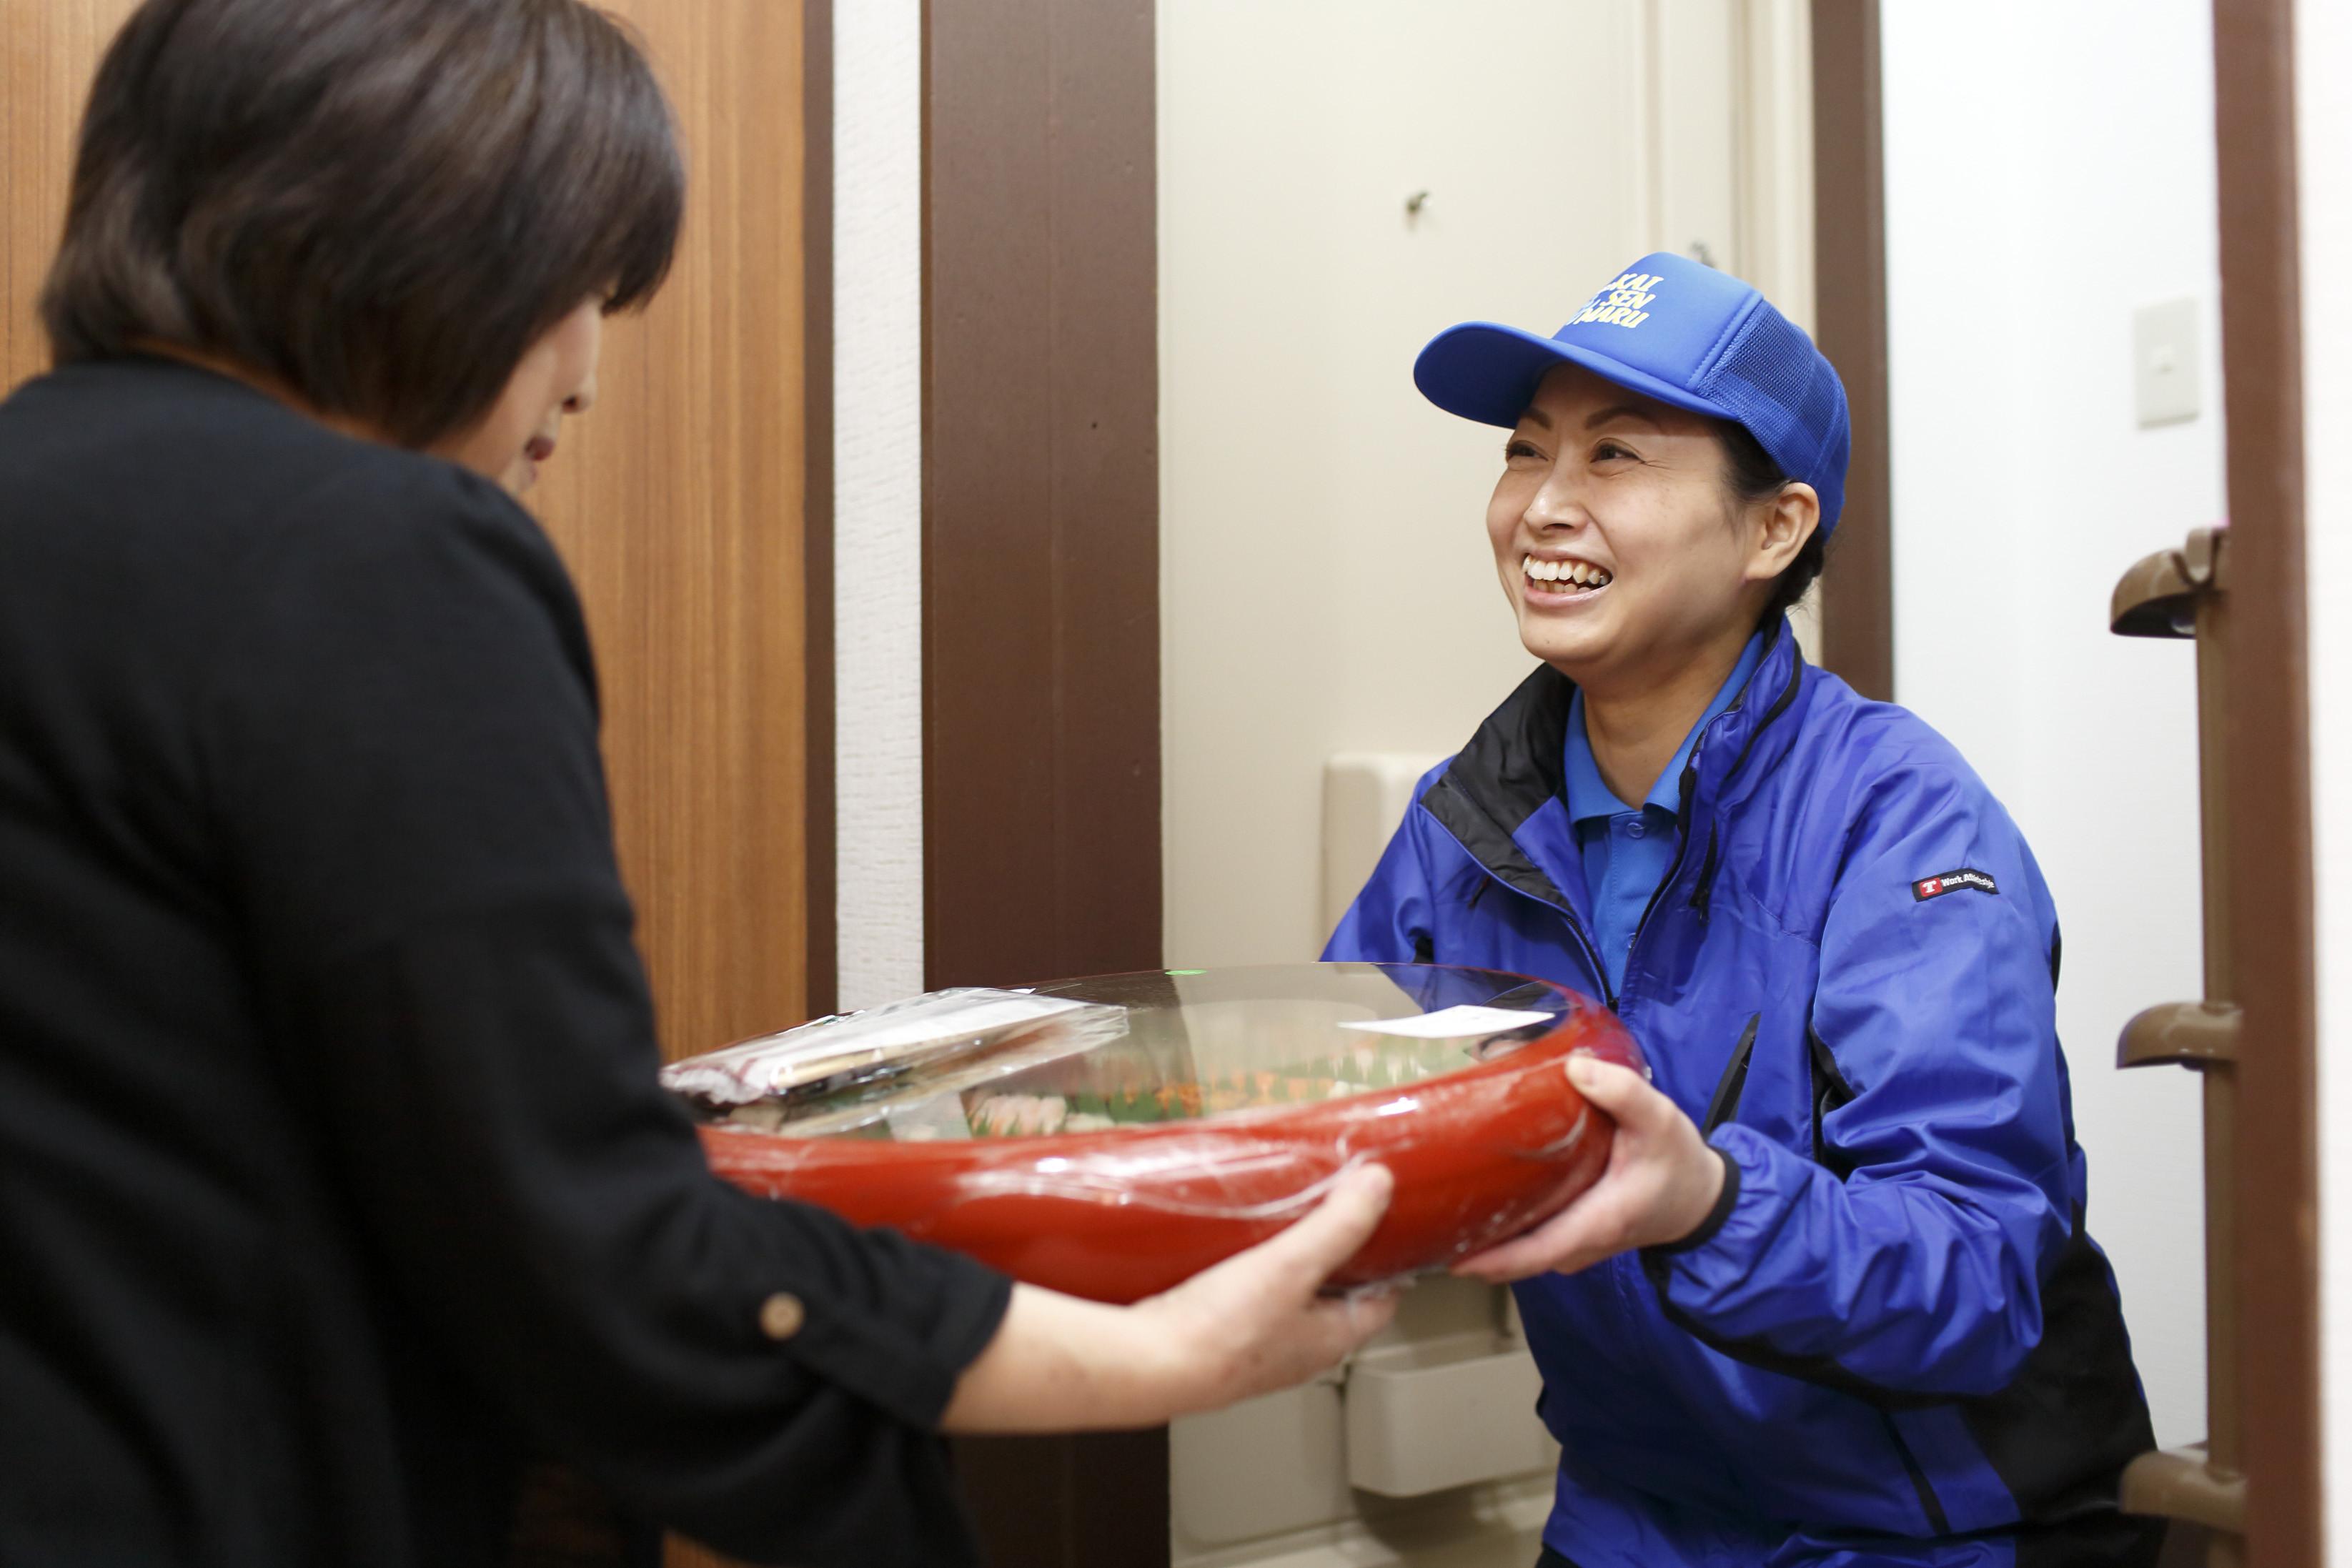 札幌海鮮丸 岩見沢店 デリバリー(配達)スタッフのアルバイト情報